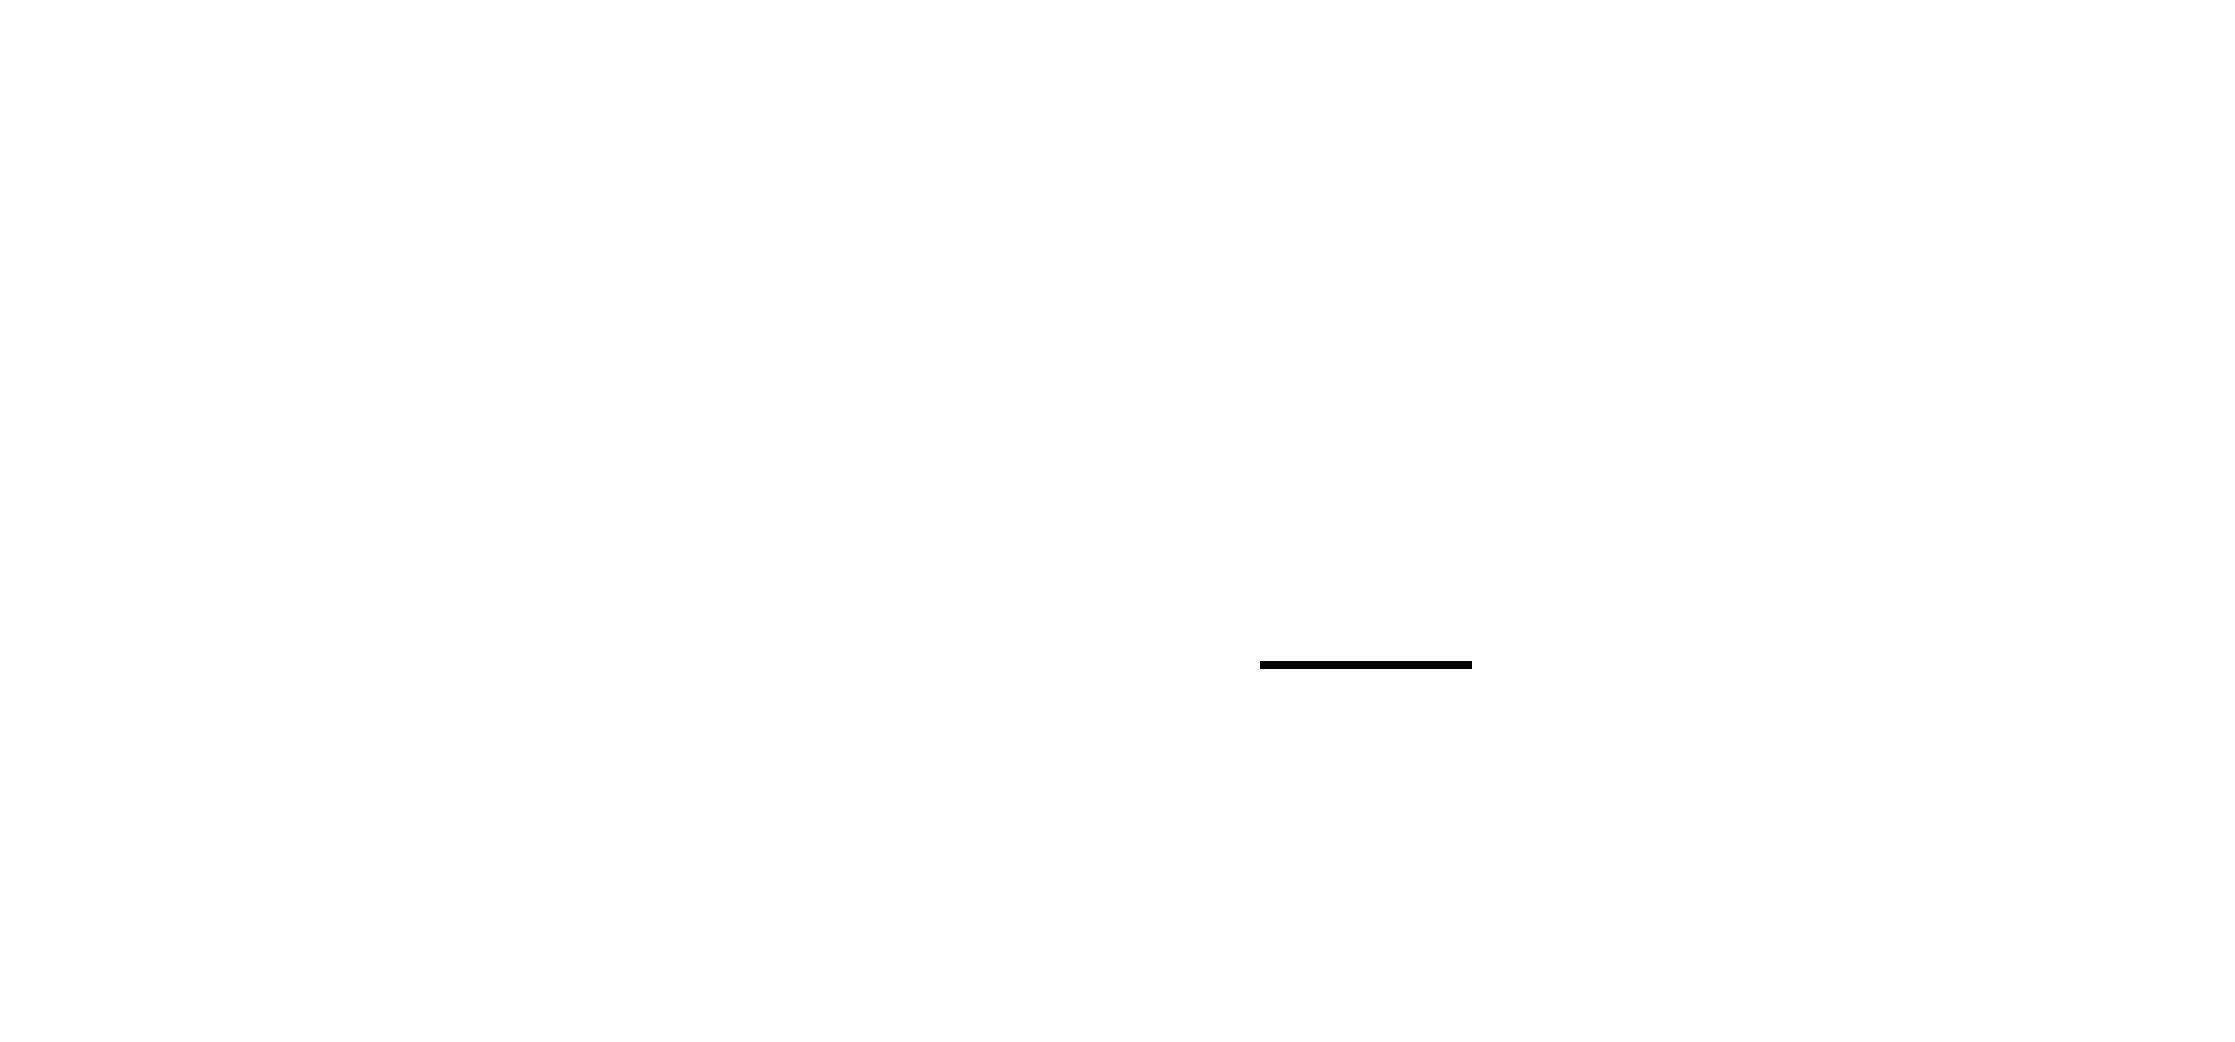 NikeW.png